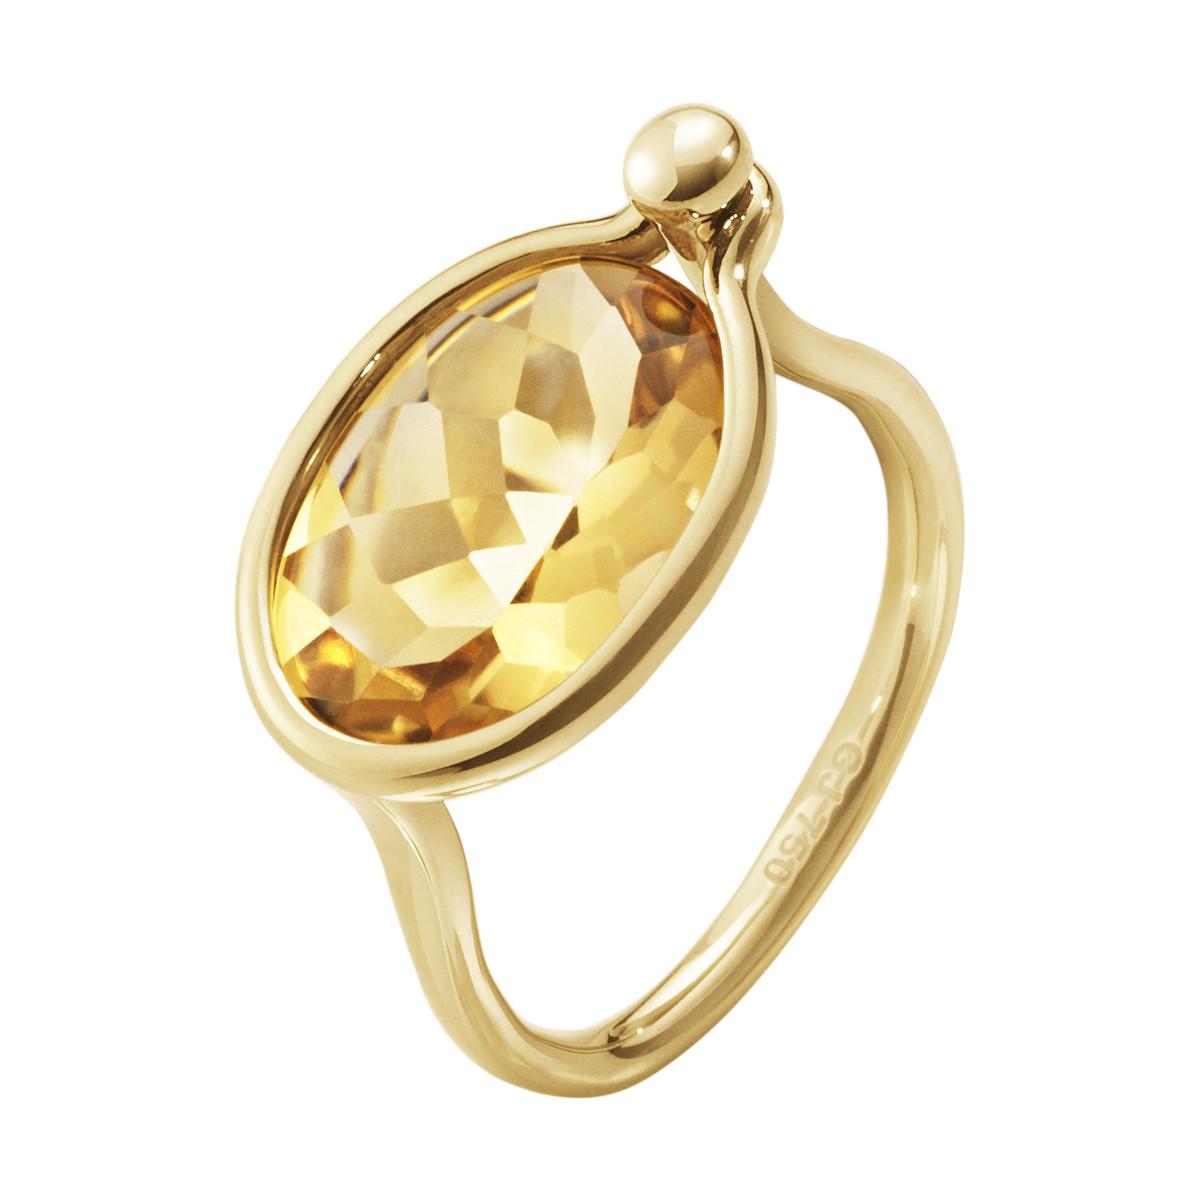 Georg Jensen SAVANNAH ring - 10012228 Størrelse 56